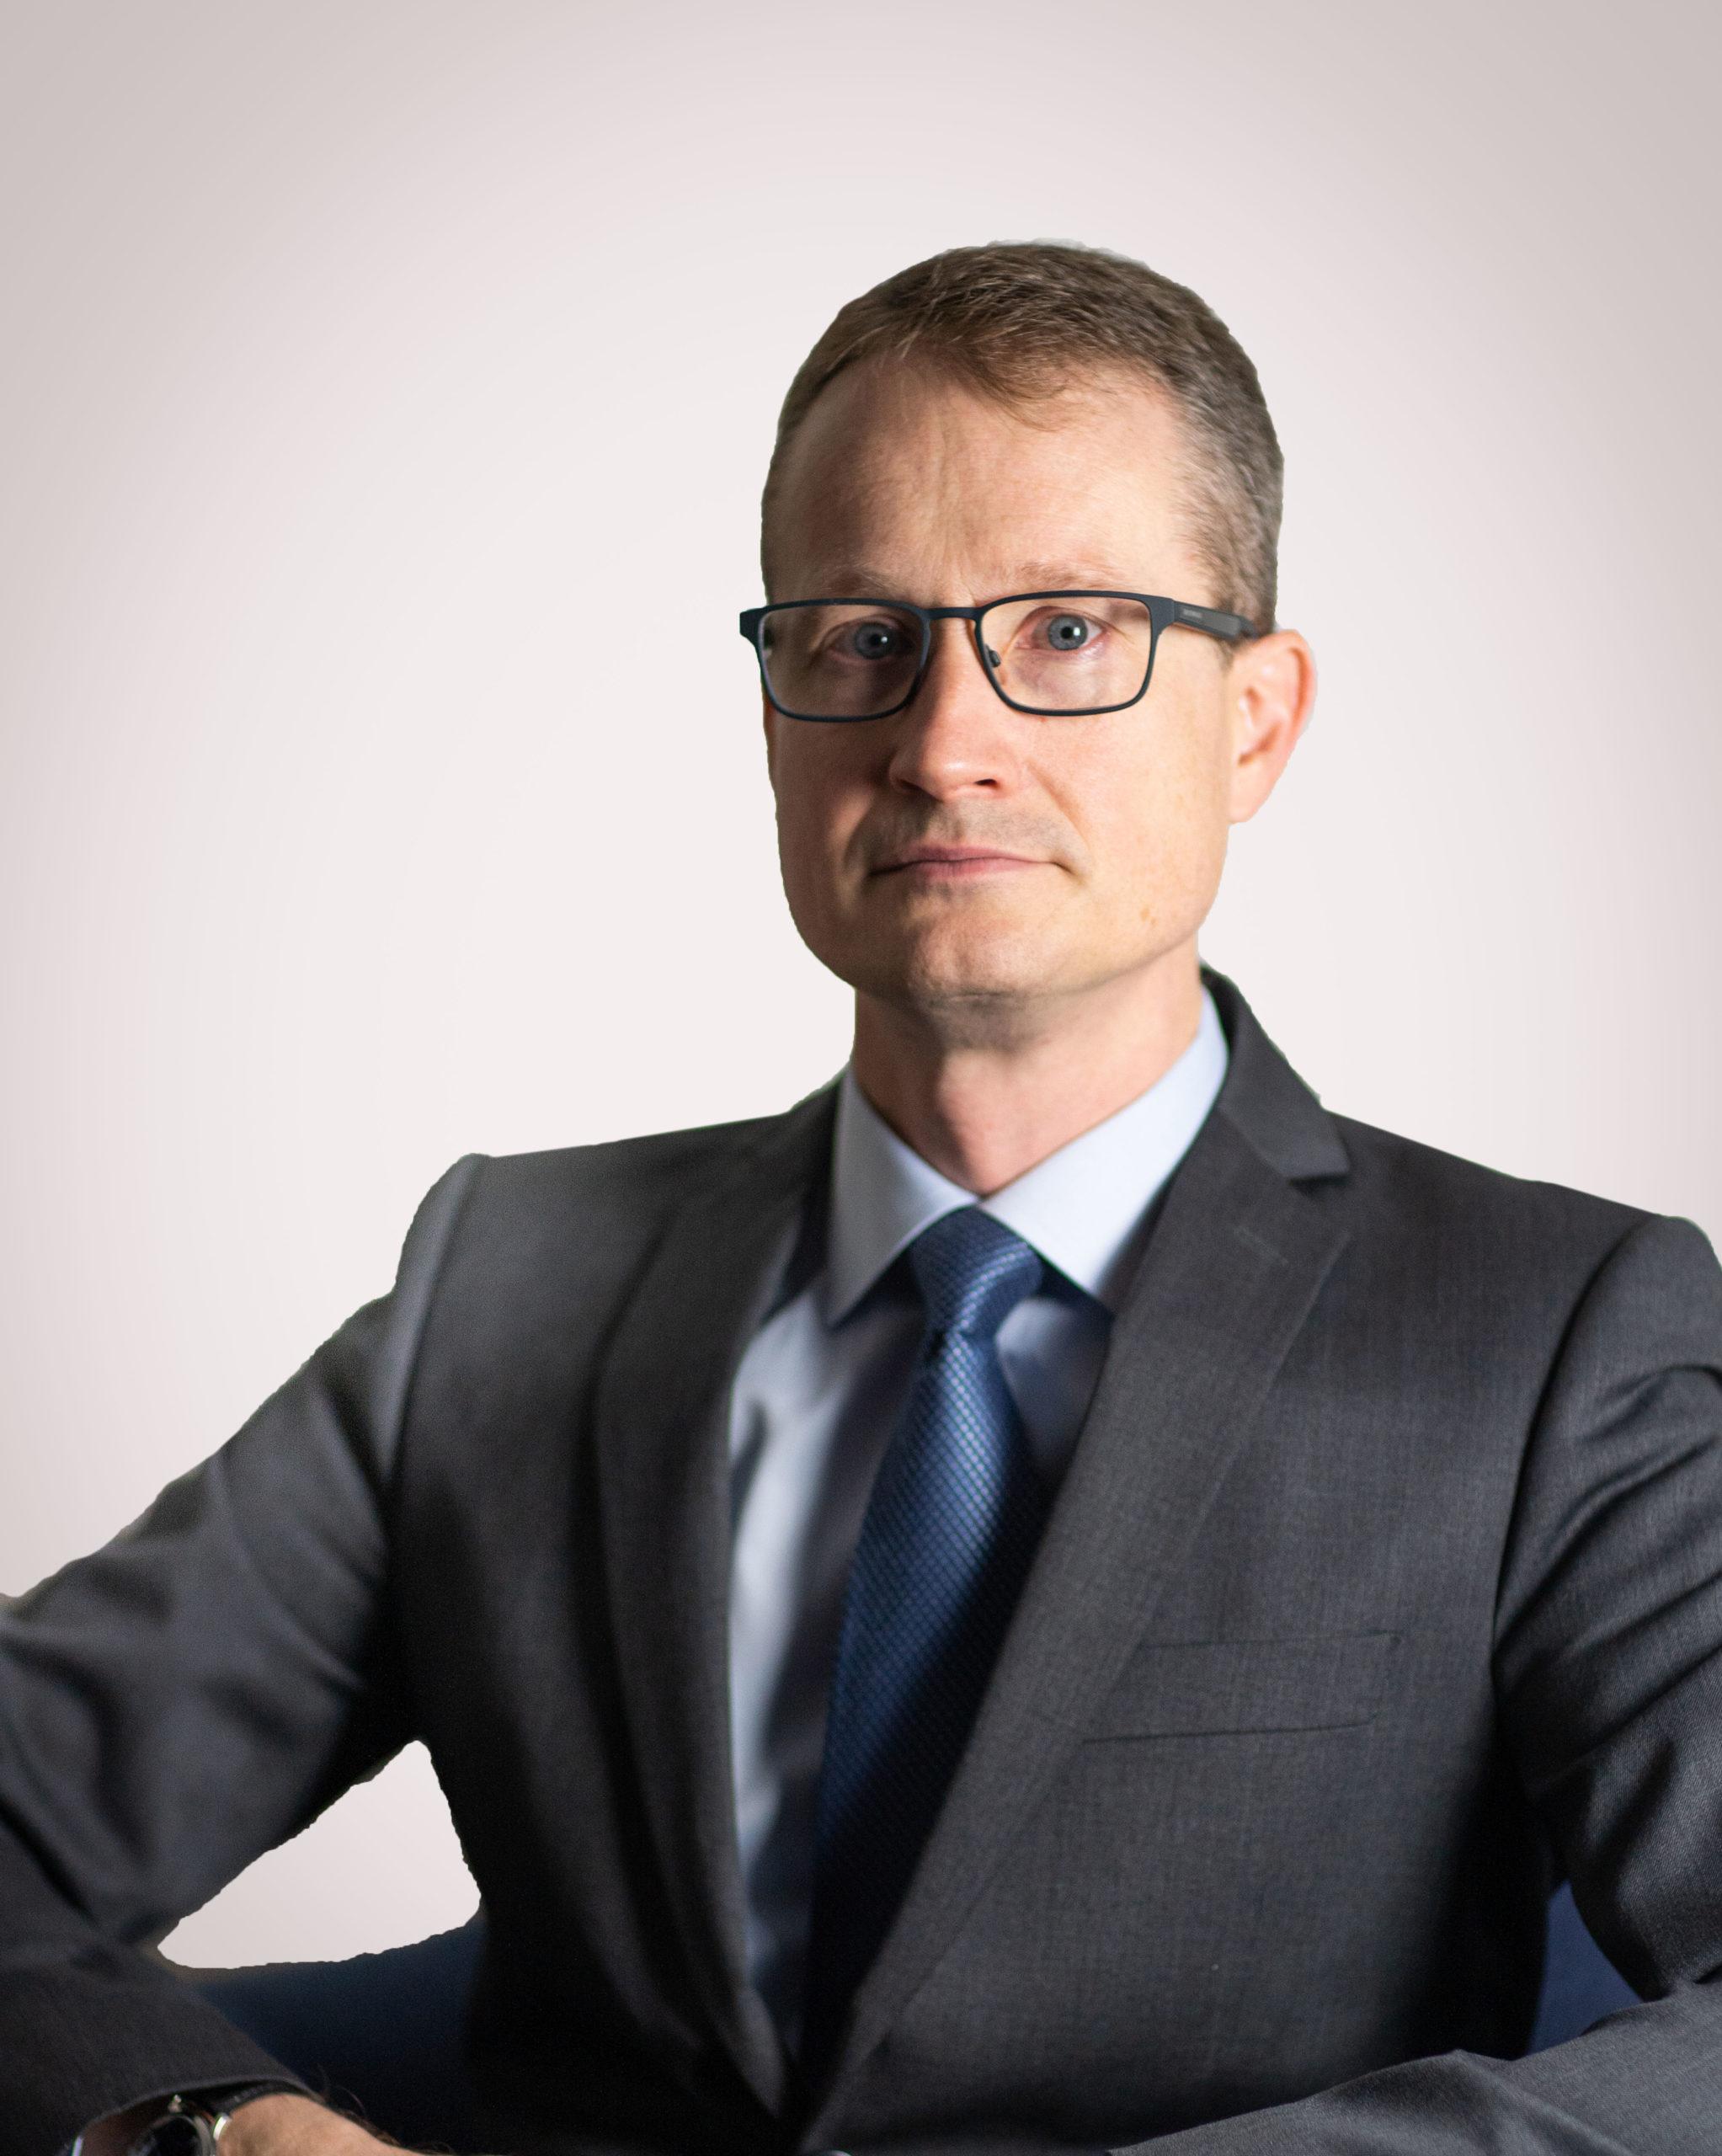 MATTIAS VIKSTRÖM